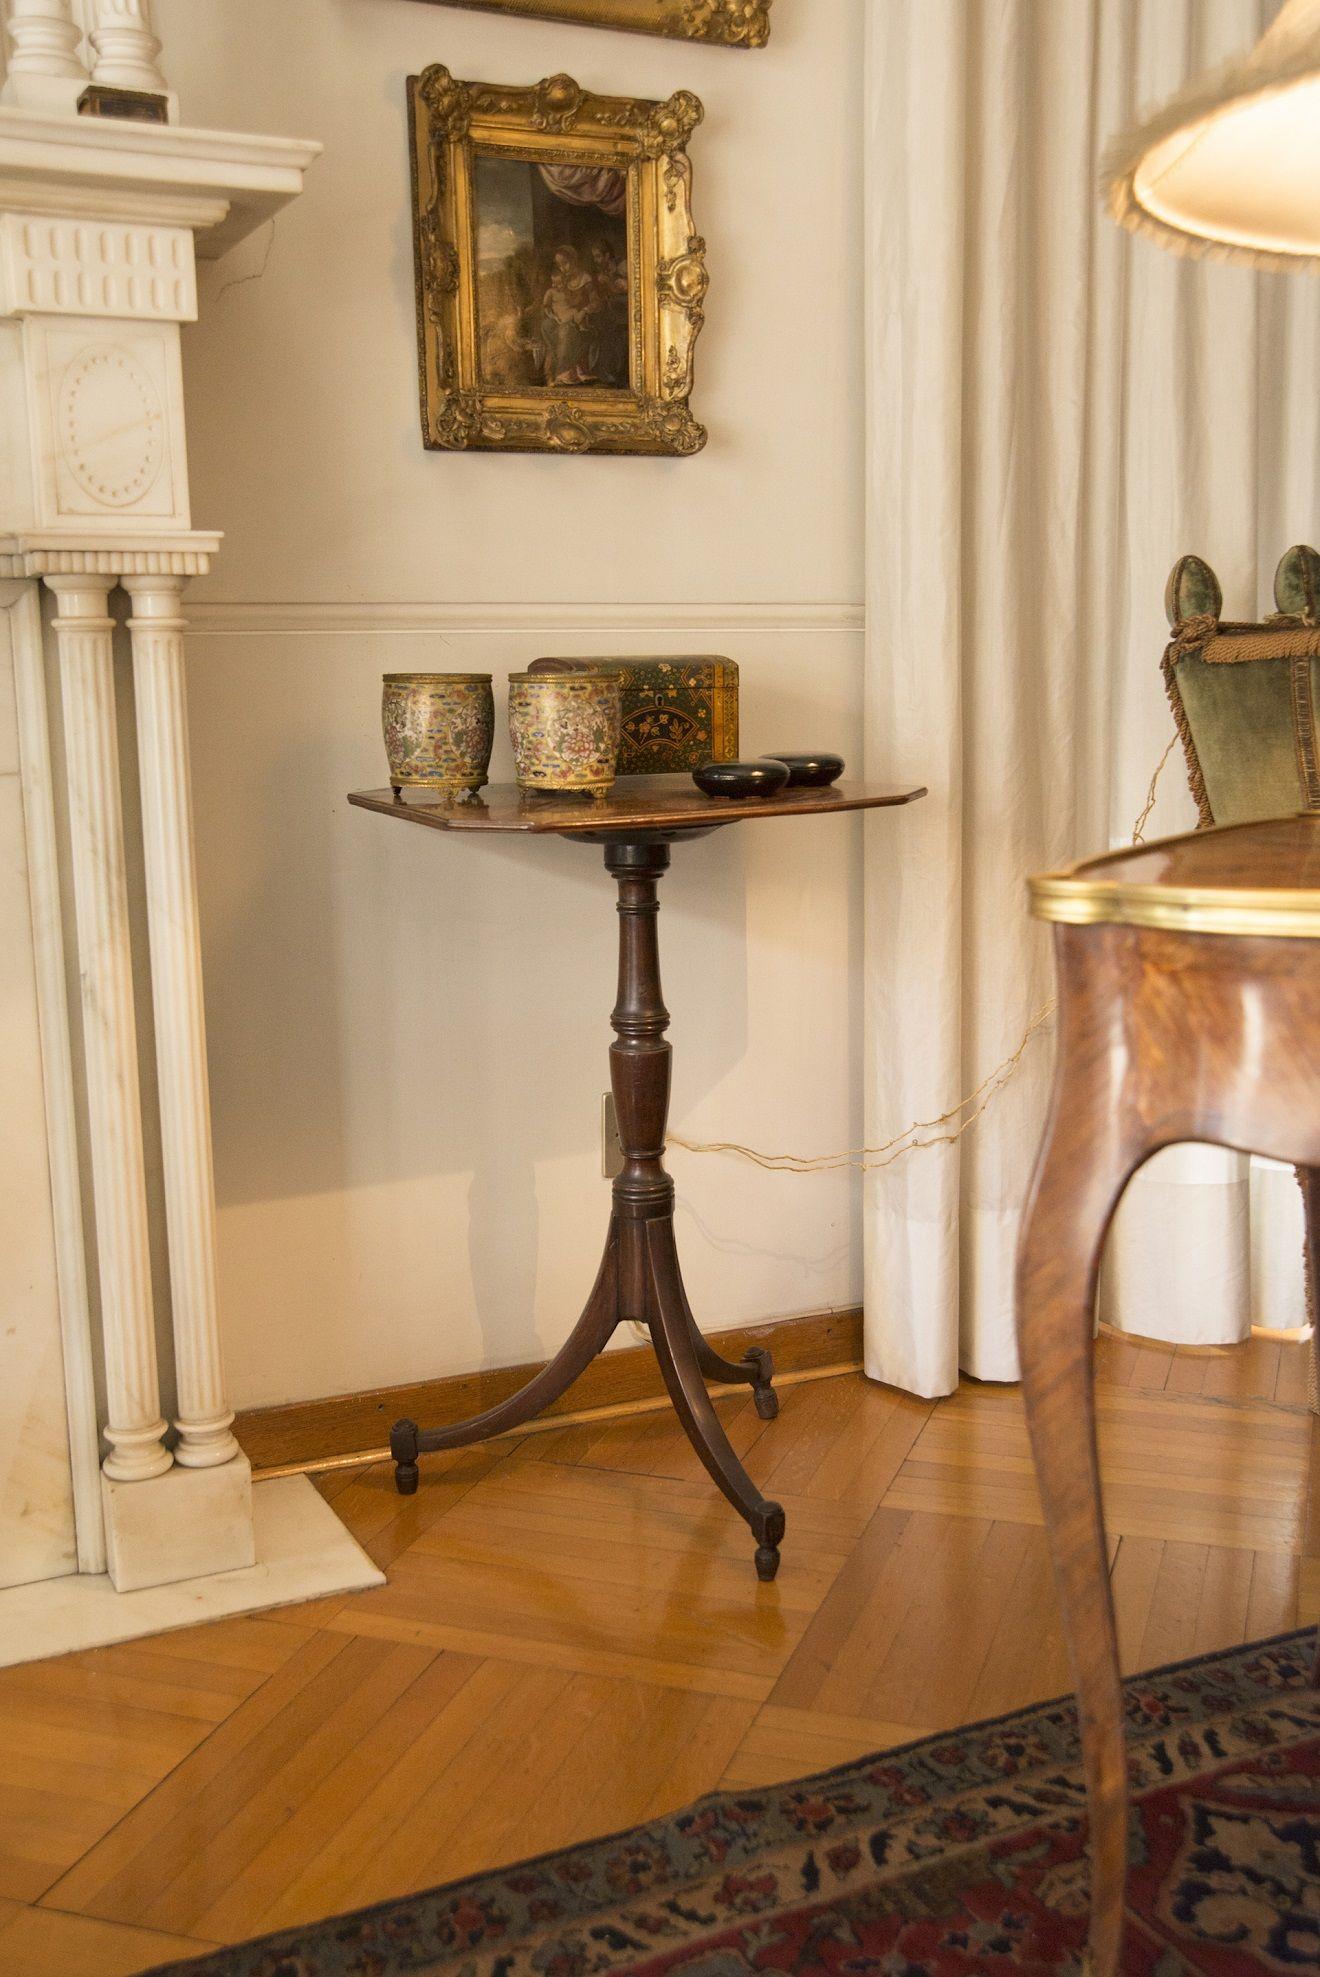 Tavolino Tre Piedi.Tripod Table Tavolino In Mogano Massello Su Tre Piedi